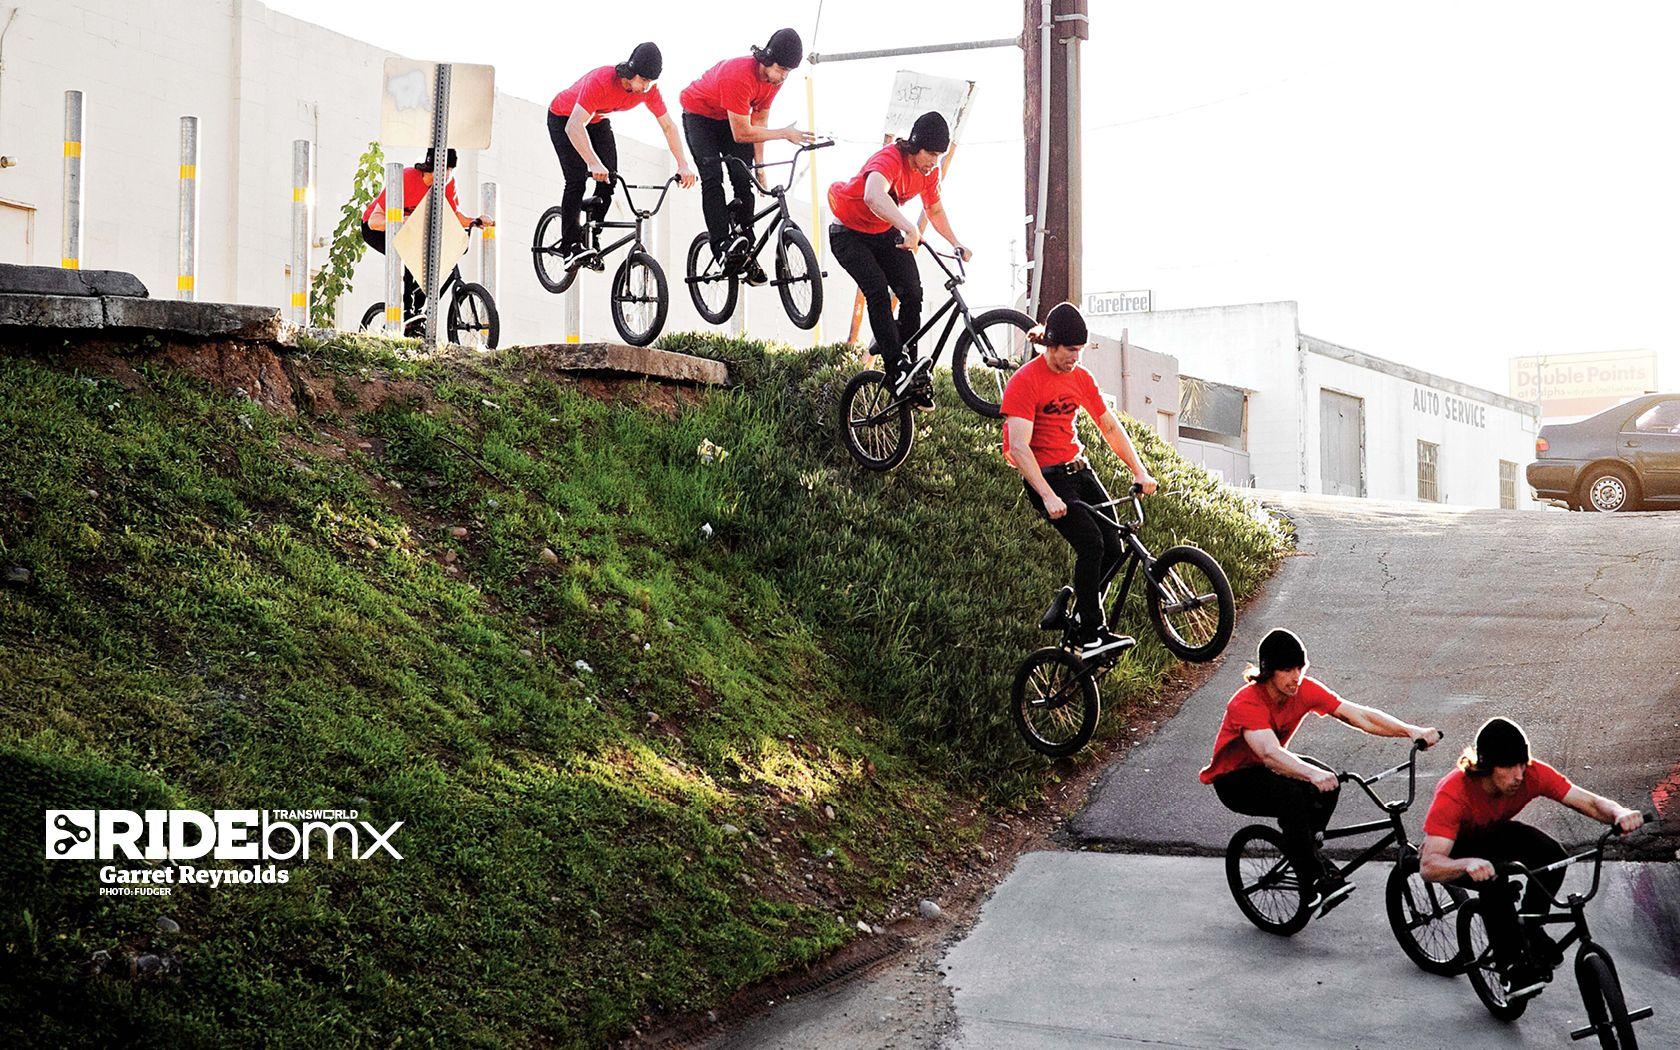 street bmx wallpaper - photo #23